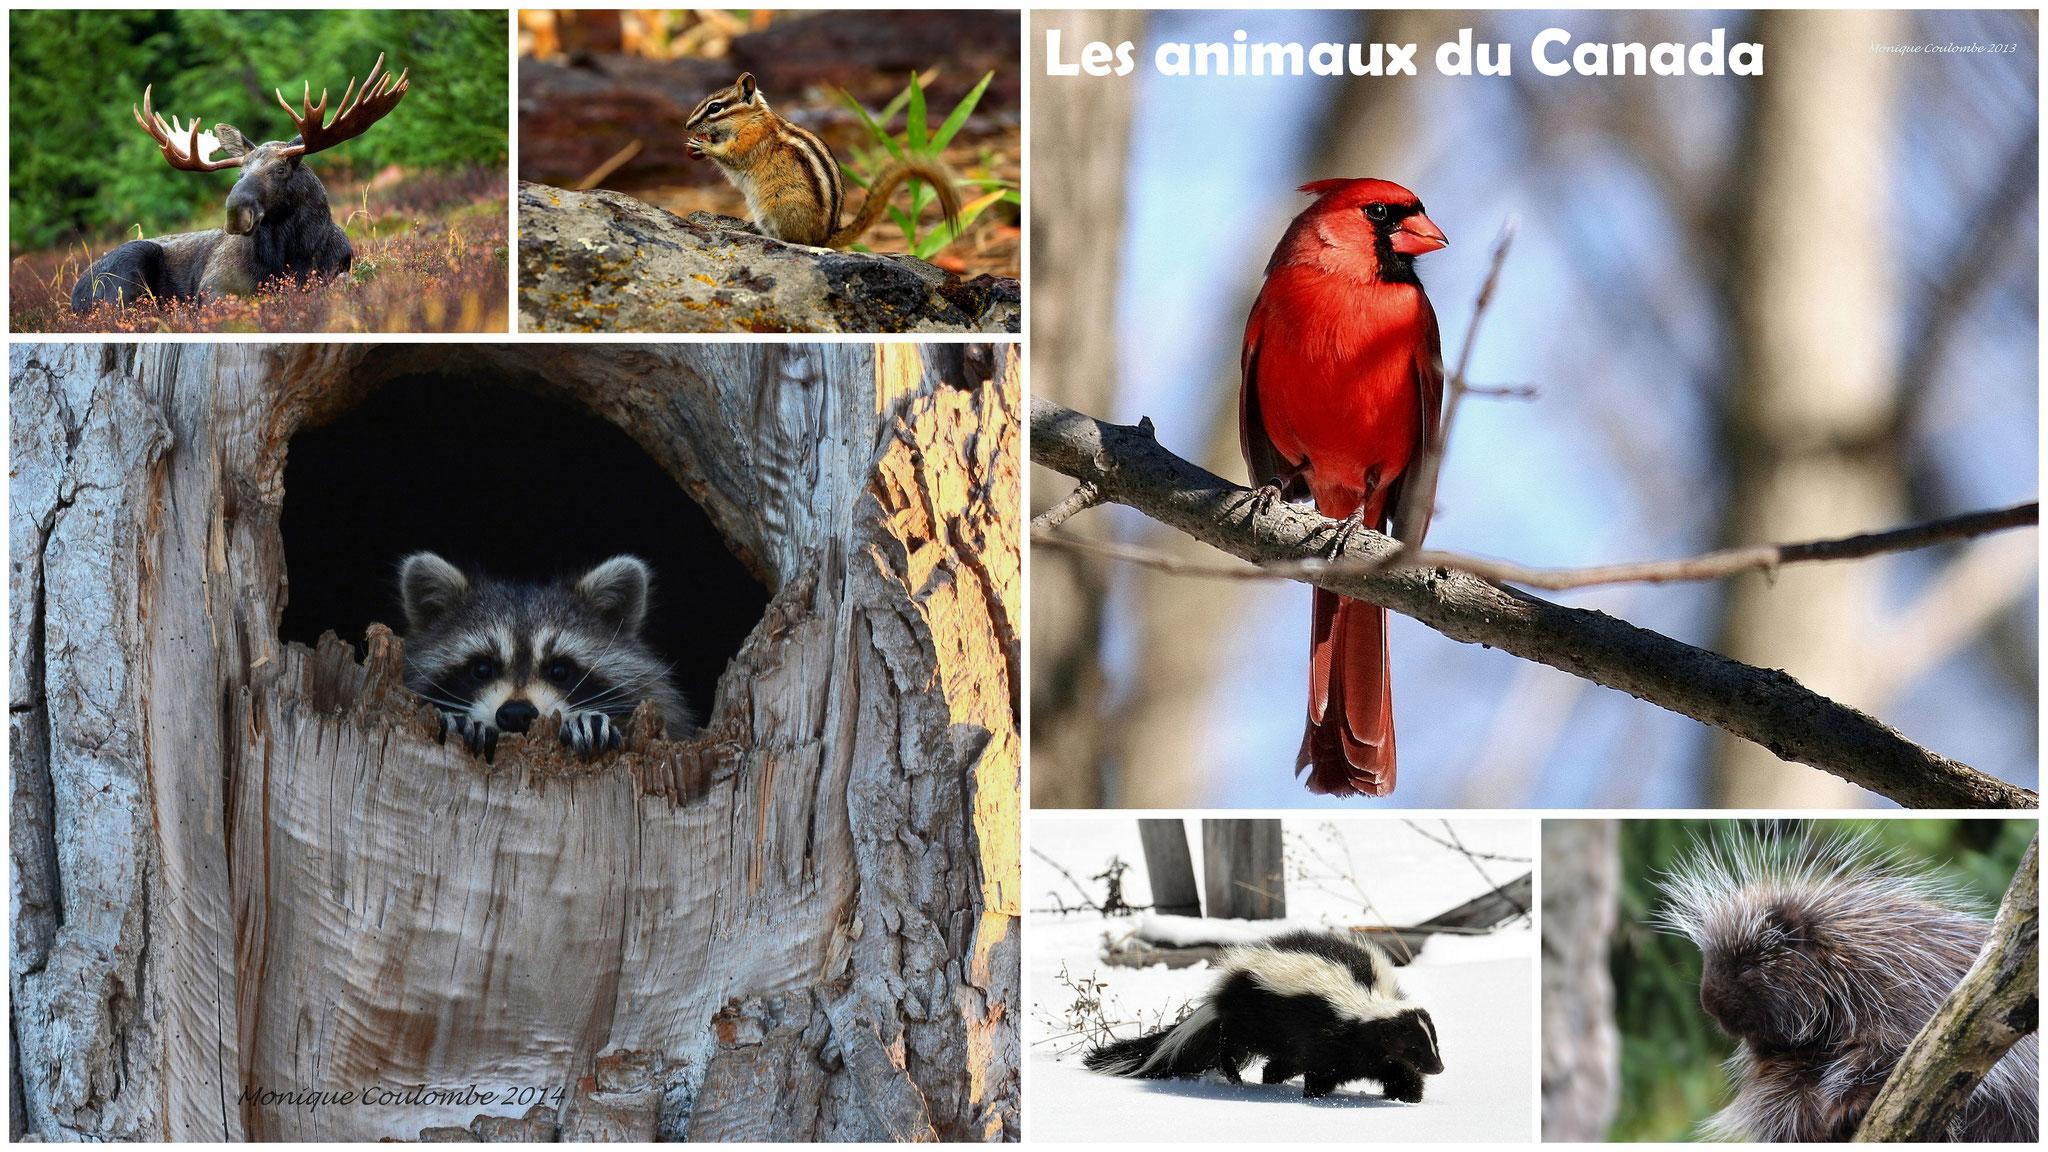 Les animaux du Canada et du Québec